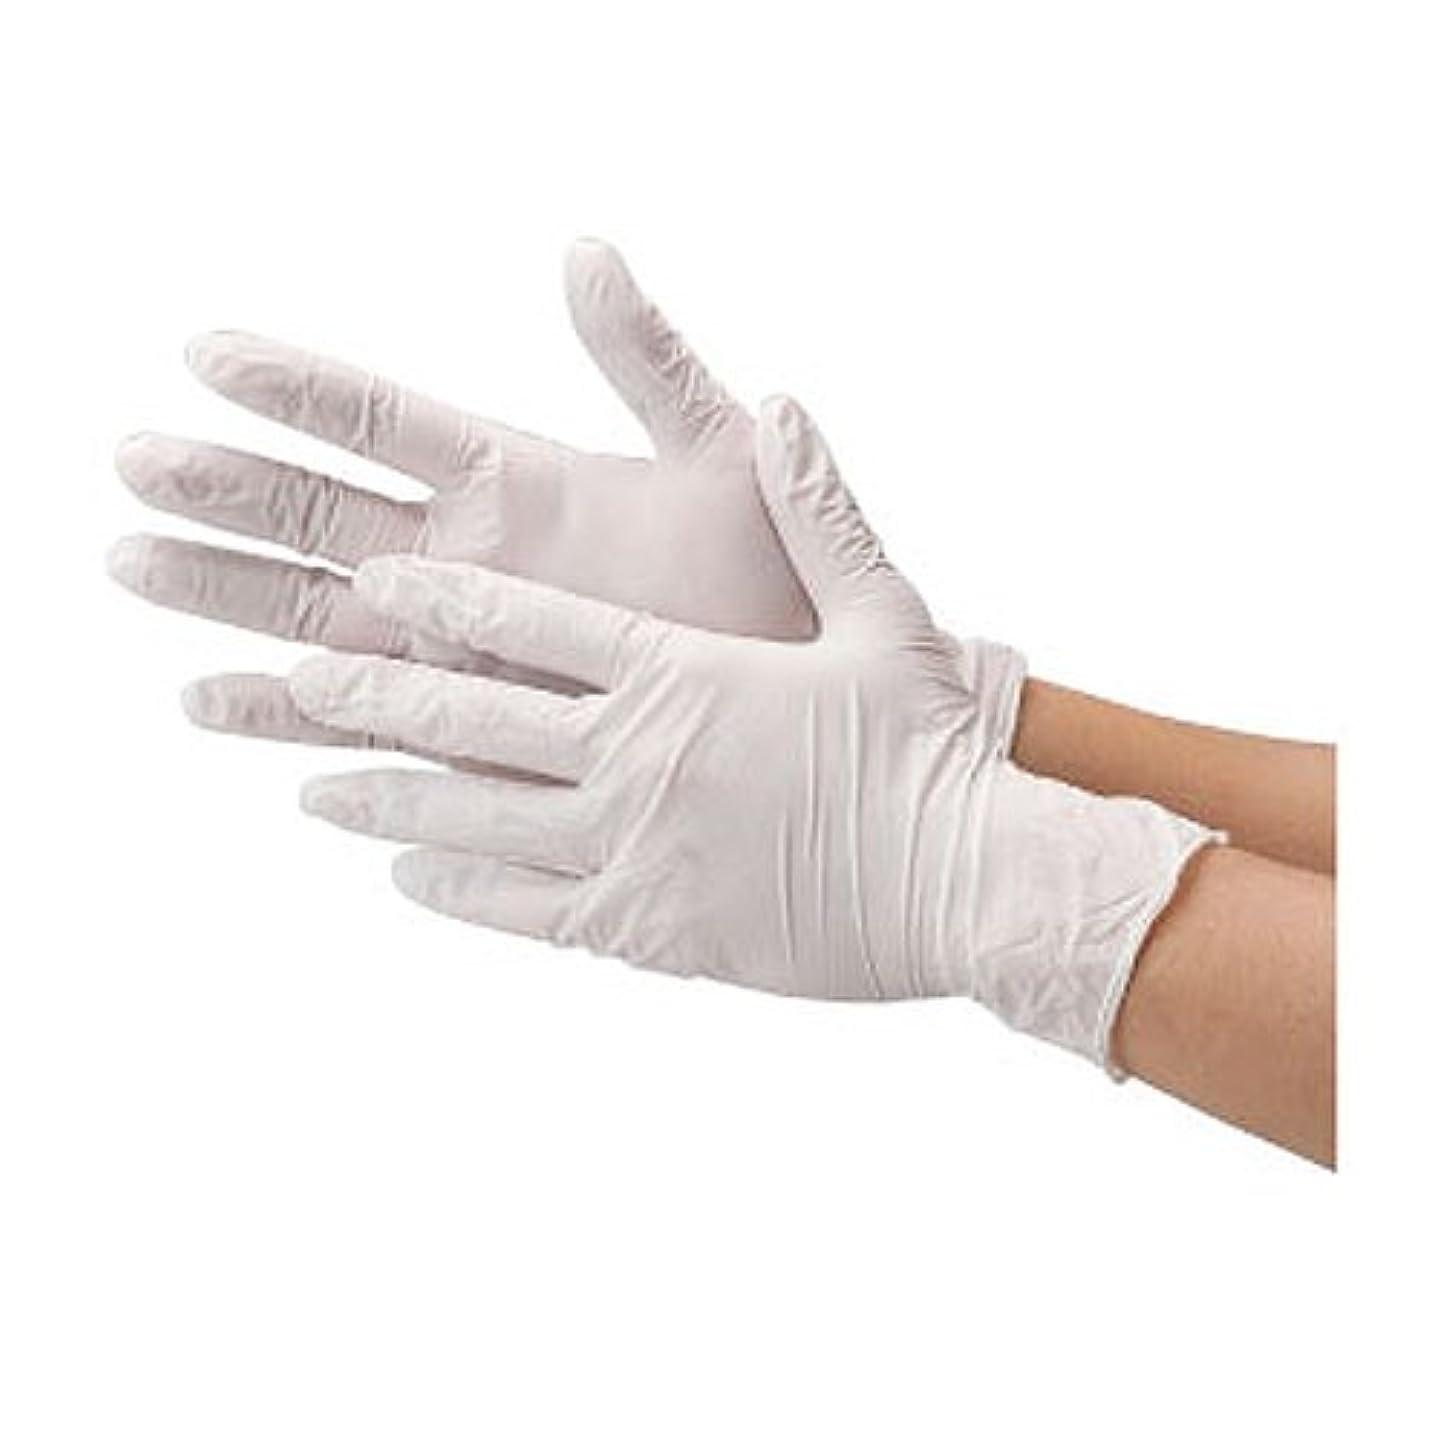 終了しました自宅で承知しました川西工業 ニトリル 使いきり手袋 ストロング 粉無 100枚入り 2037 ホワイトS